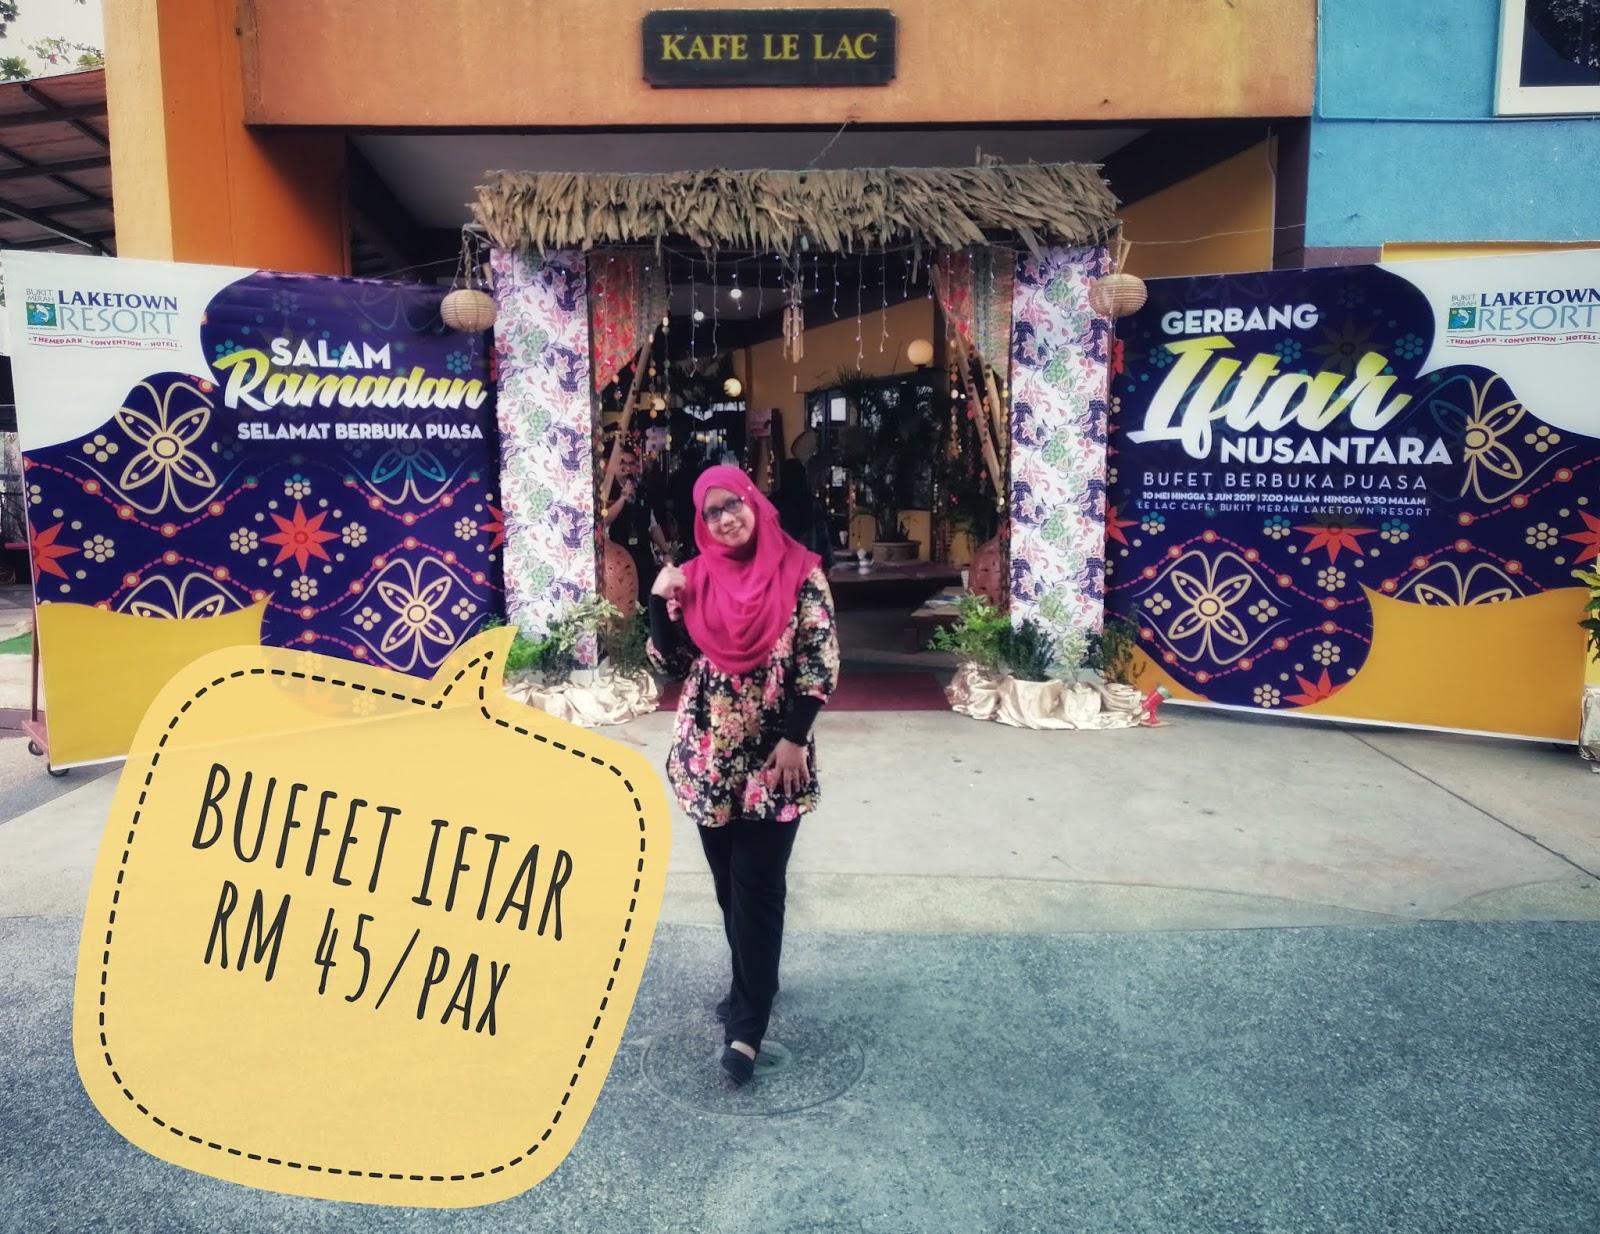 Pakej Bufet Ramadan Bukit Merah Laketown Resort, lokasi buka puasa taiping, lokasi bebuka perak, berbuka puasa, buffet ramadan murah, sponsor anak yatim buffet ramadan, taja anak yatim berbuka,